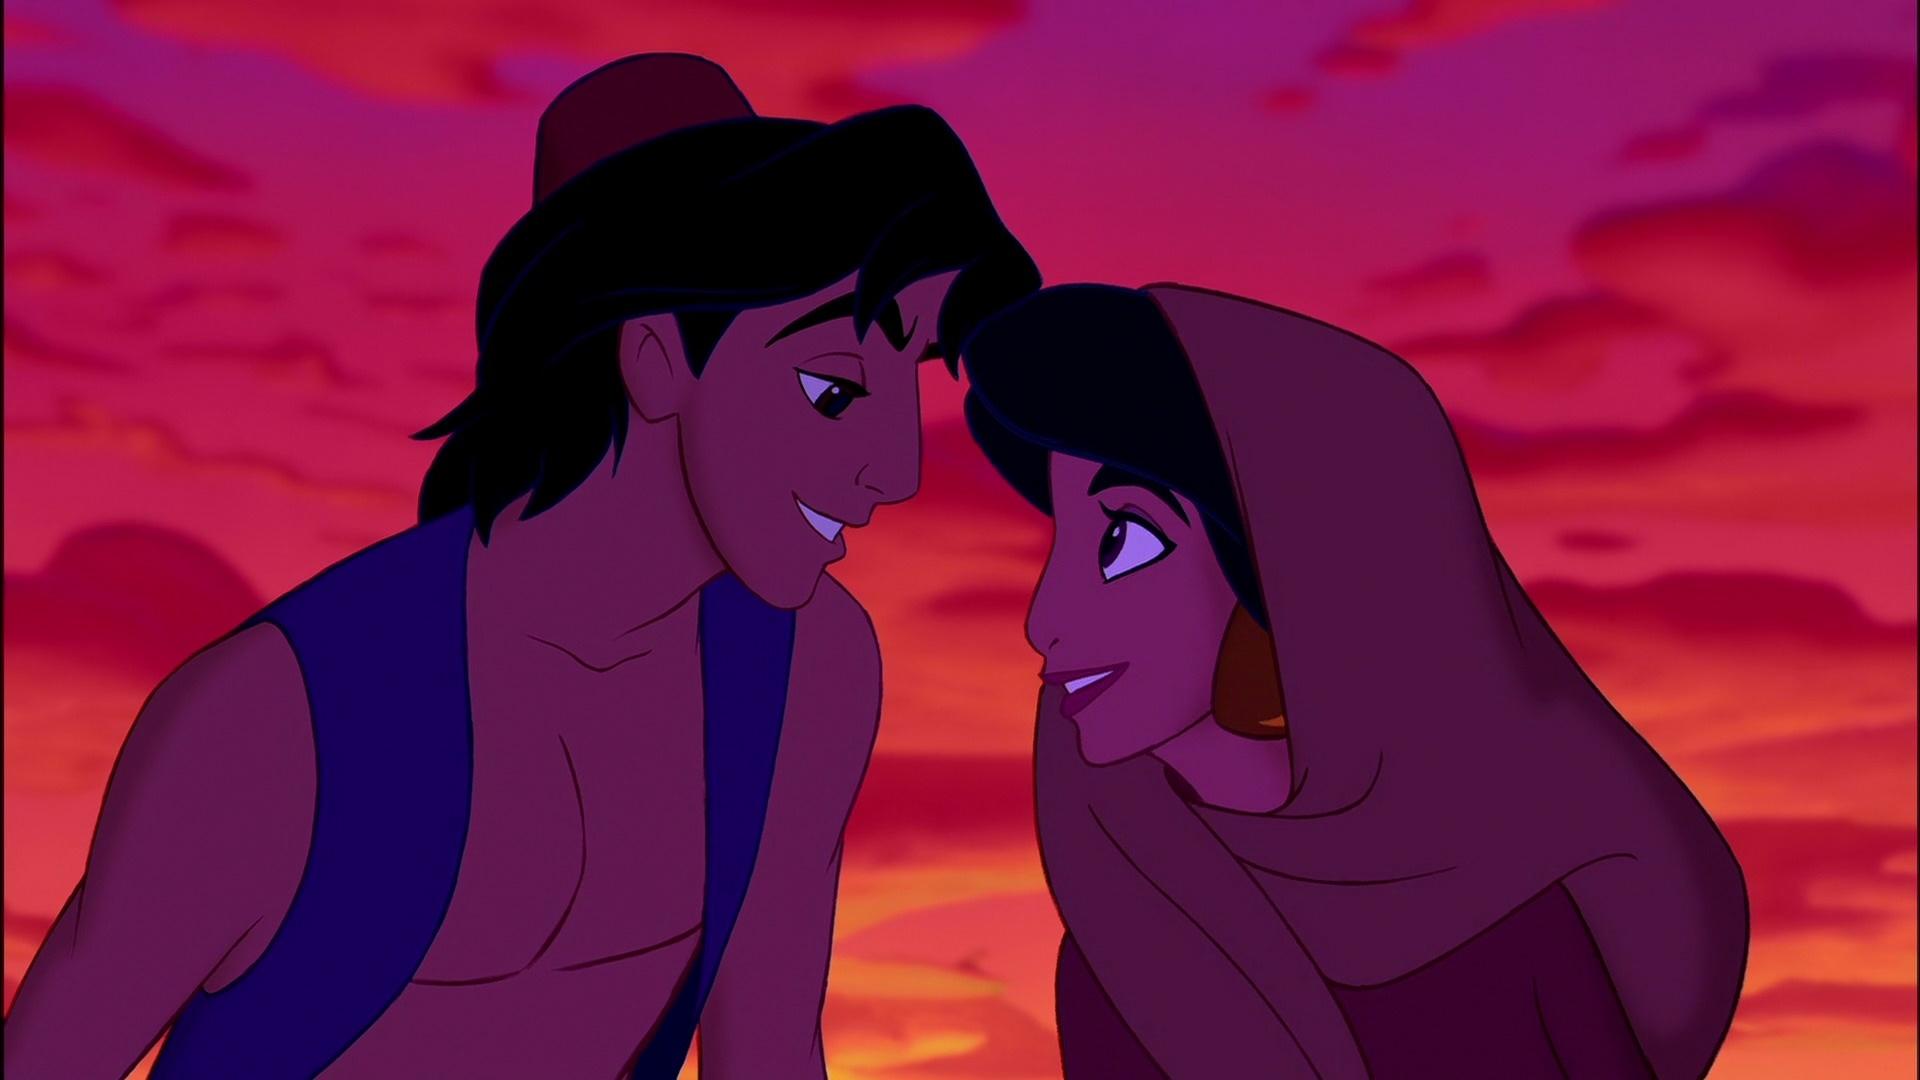 Aladdin: Aladdin-disneyscreencaps.com-2570